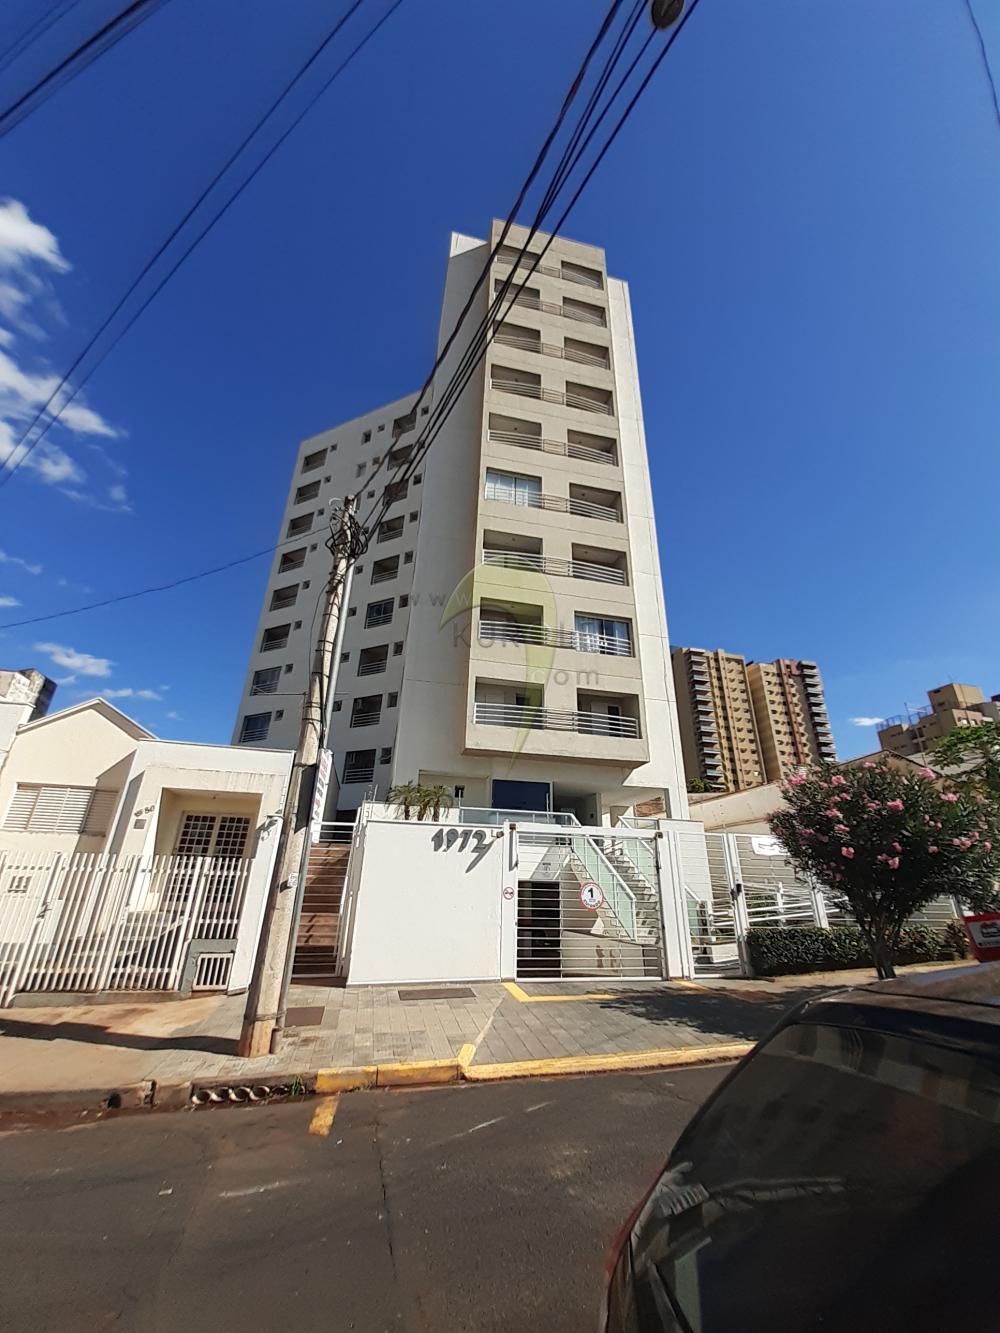 alt='Alugar Apartamento / Cobertura em Ribeirão Preto R$ 11,00 - Foto 21' title='Alugar Apartamento / Cobertura em Ribeirão Preto R$ 11,00 - Foto 21'